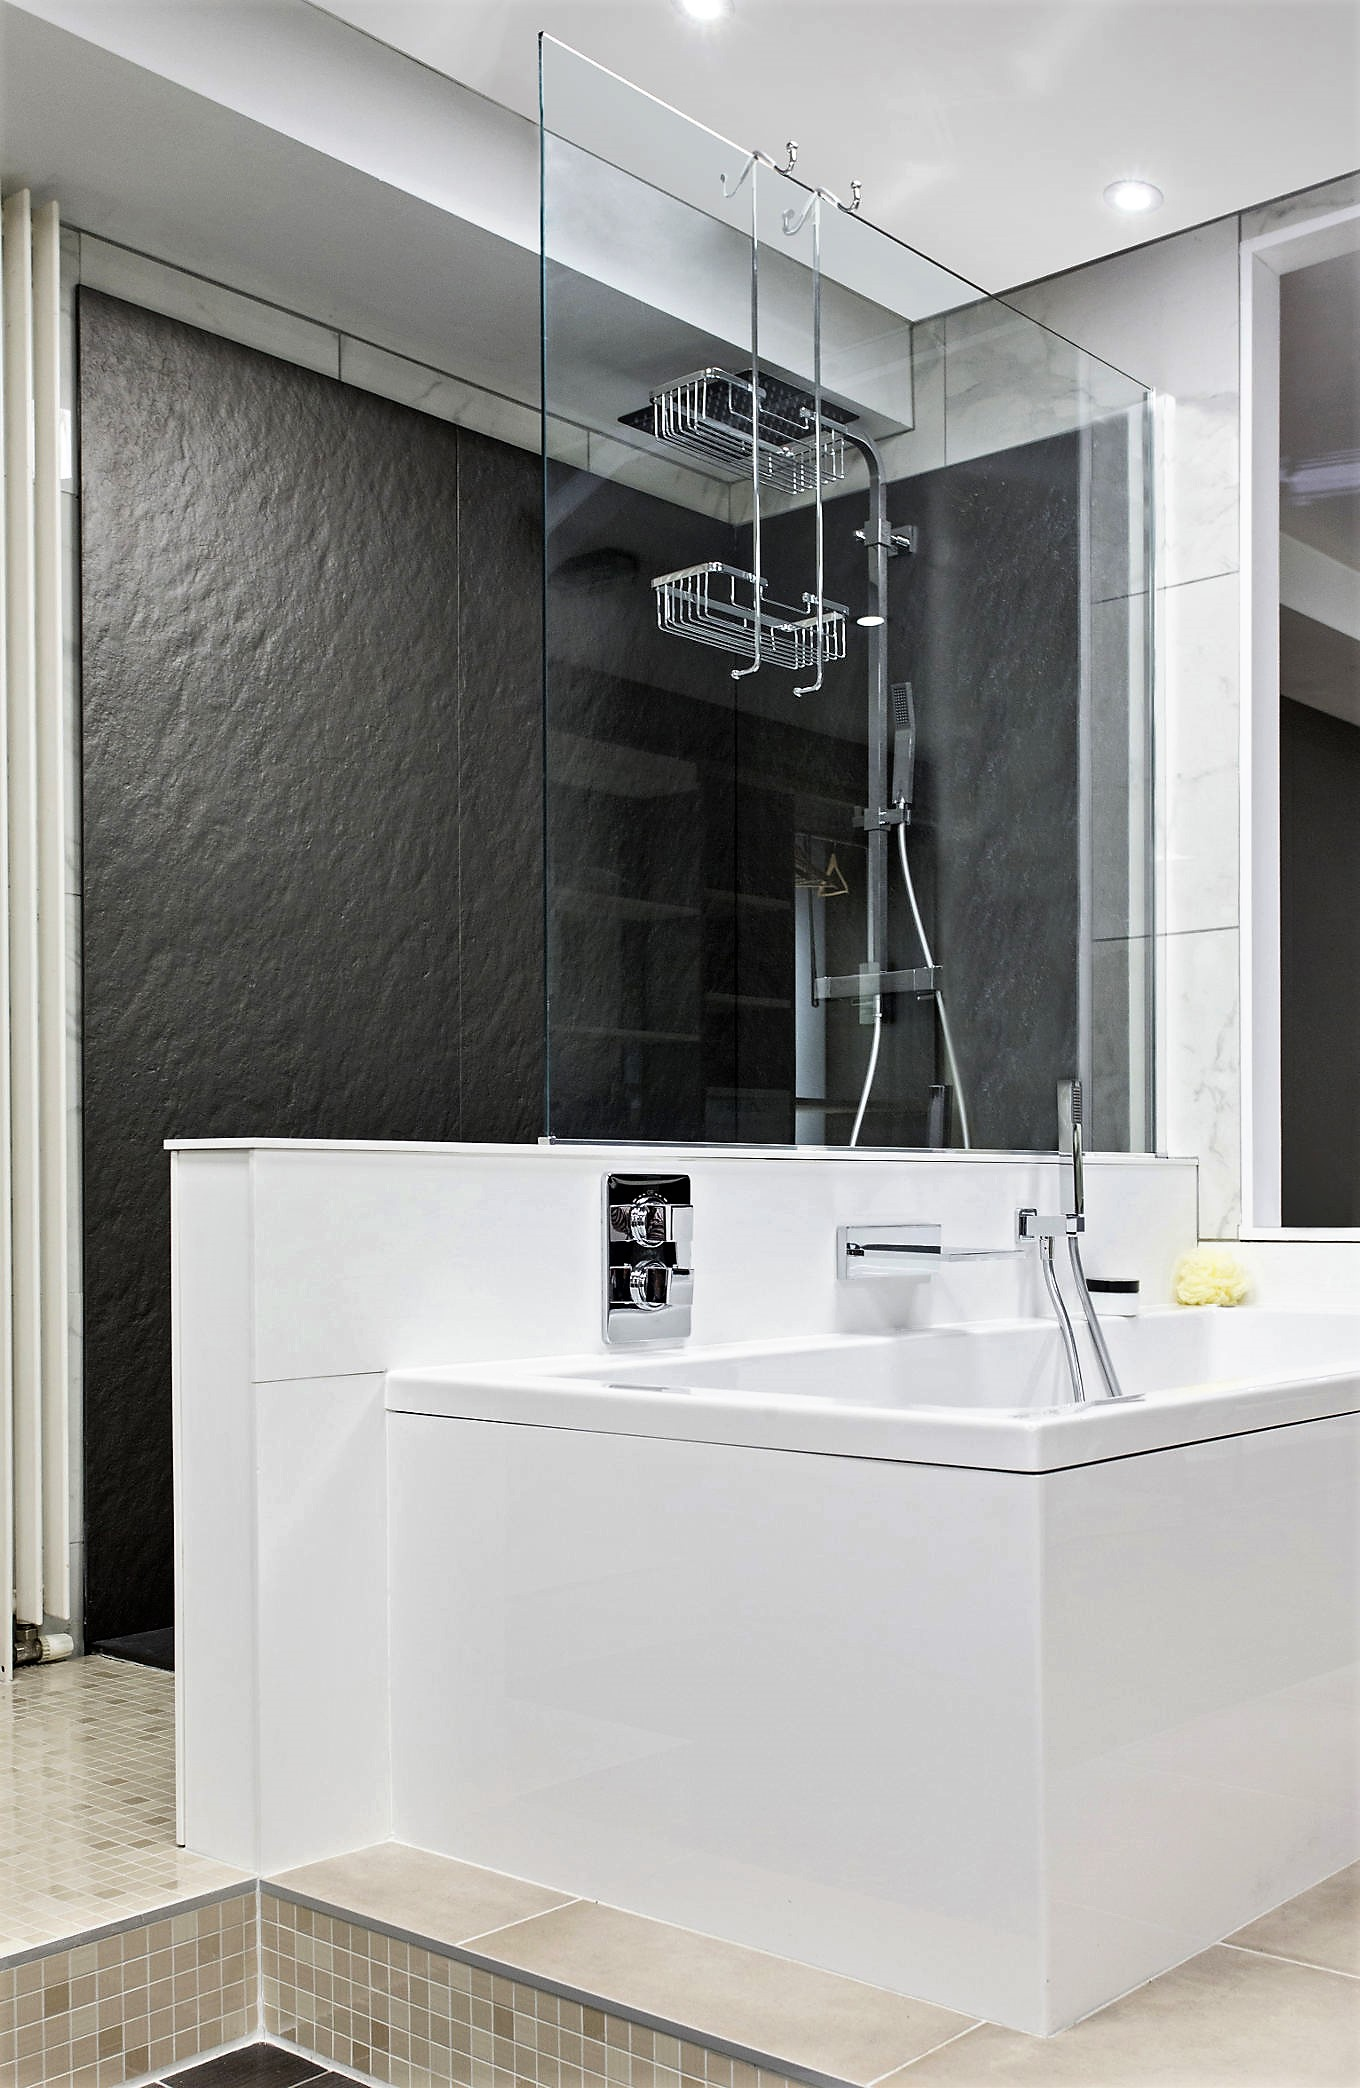 Salle de bains futura acrylique anthracite m tallis for Salle de bain gris anthracite et bois